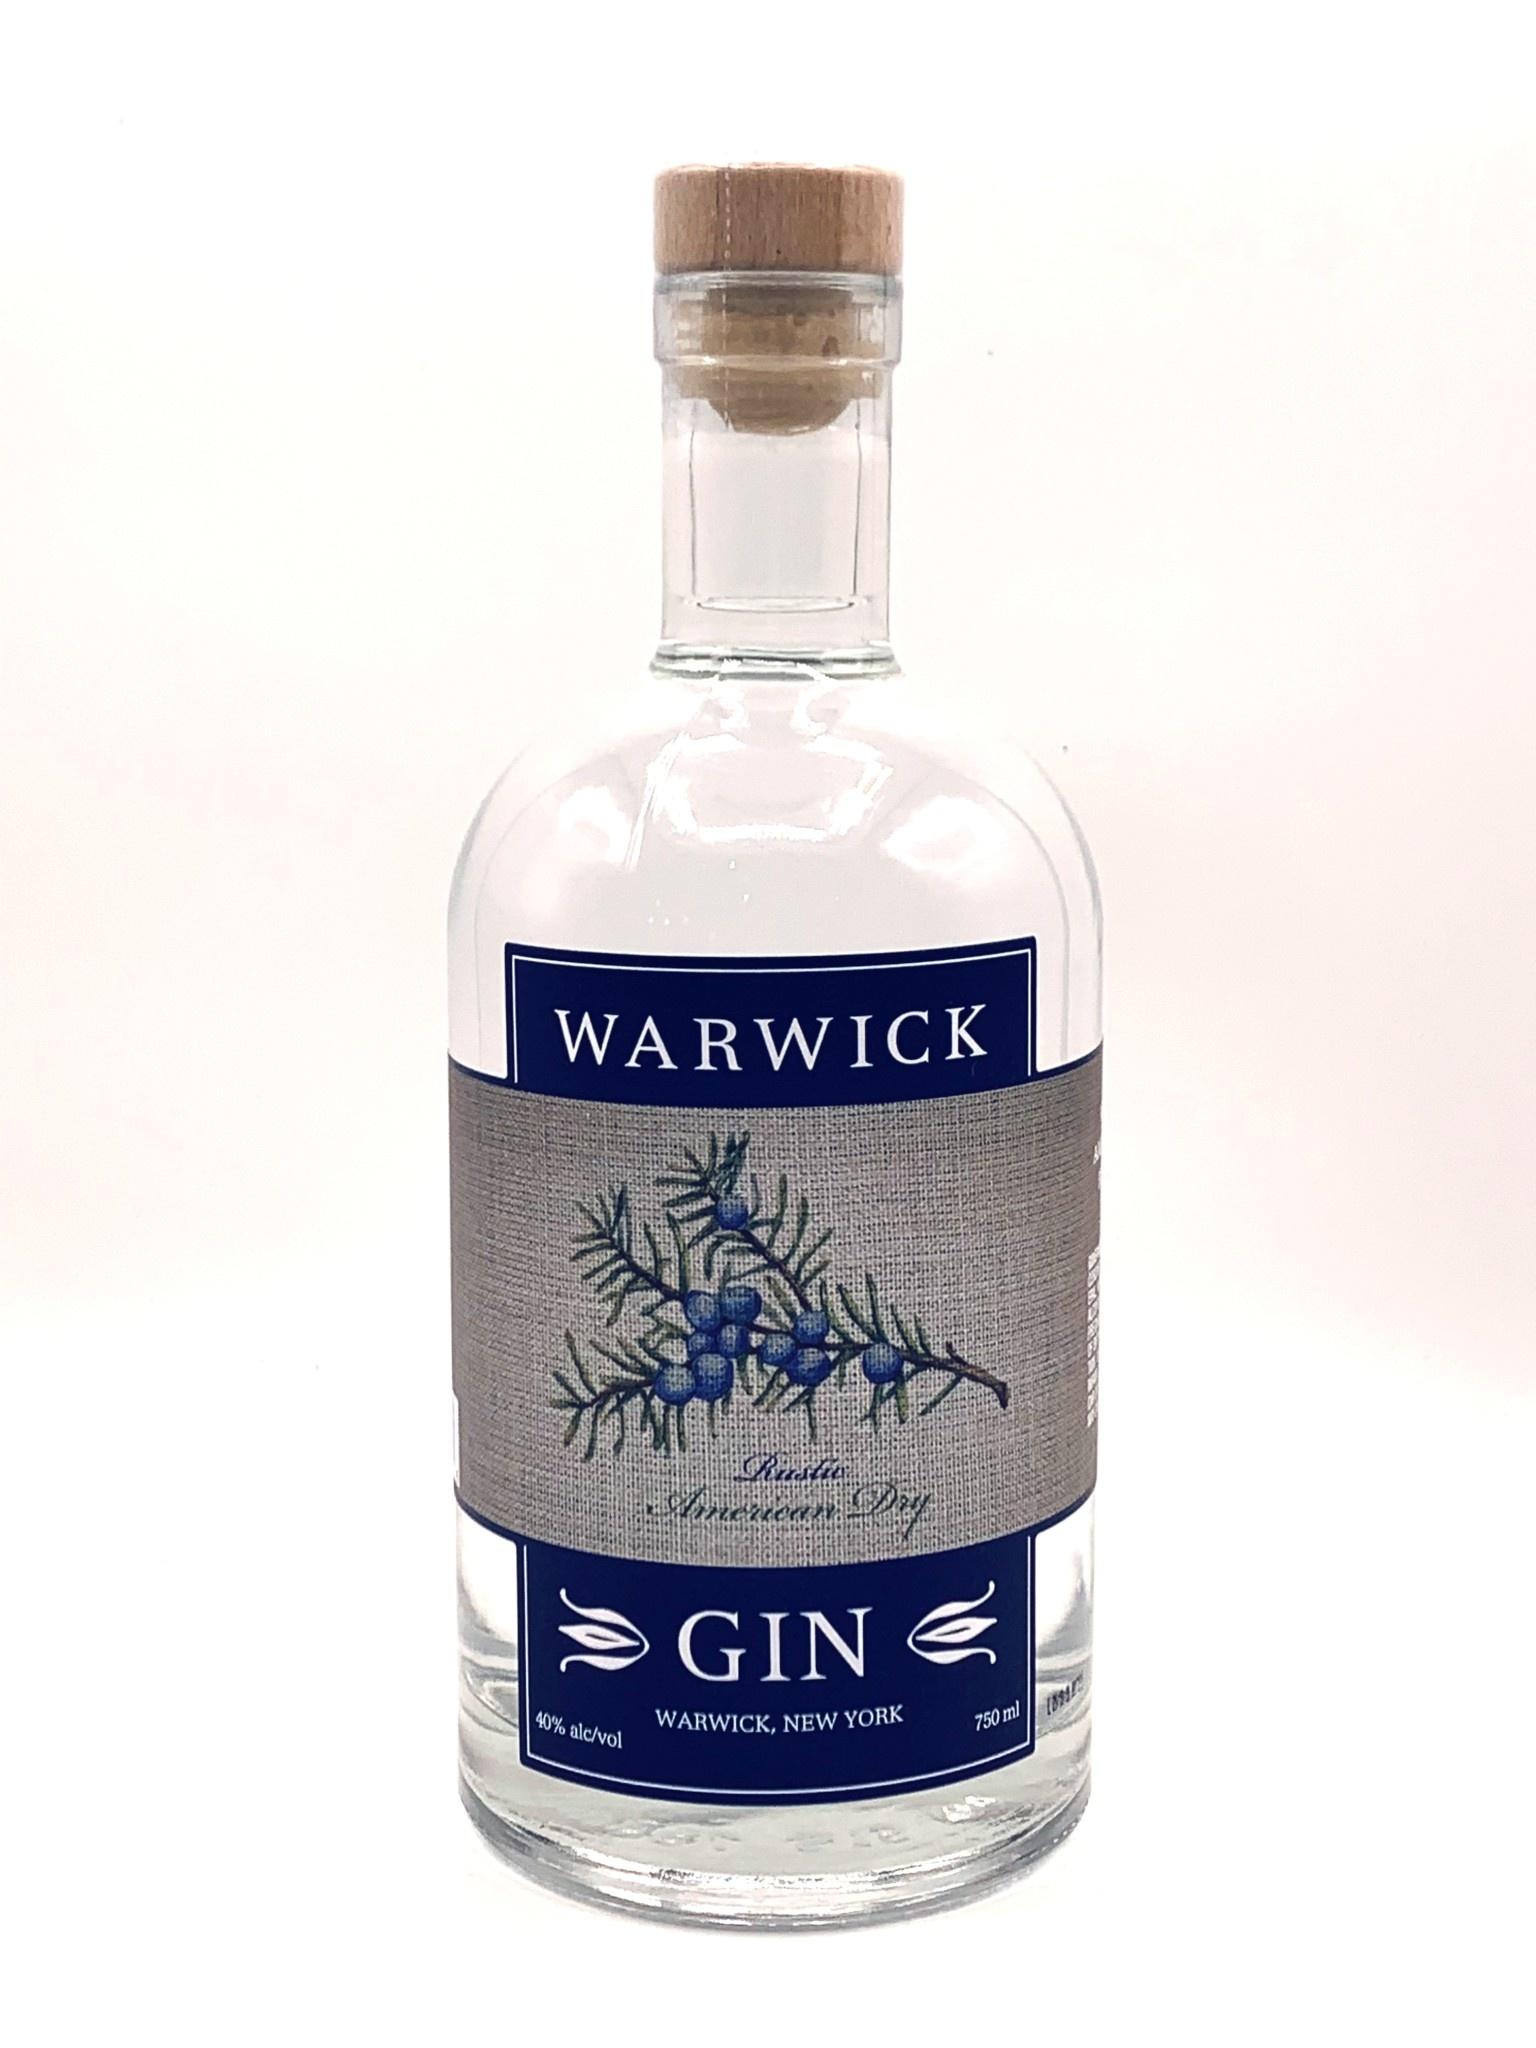 Warwick American Dry Rustic Gin 750ml (80 Proof)